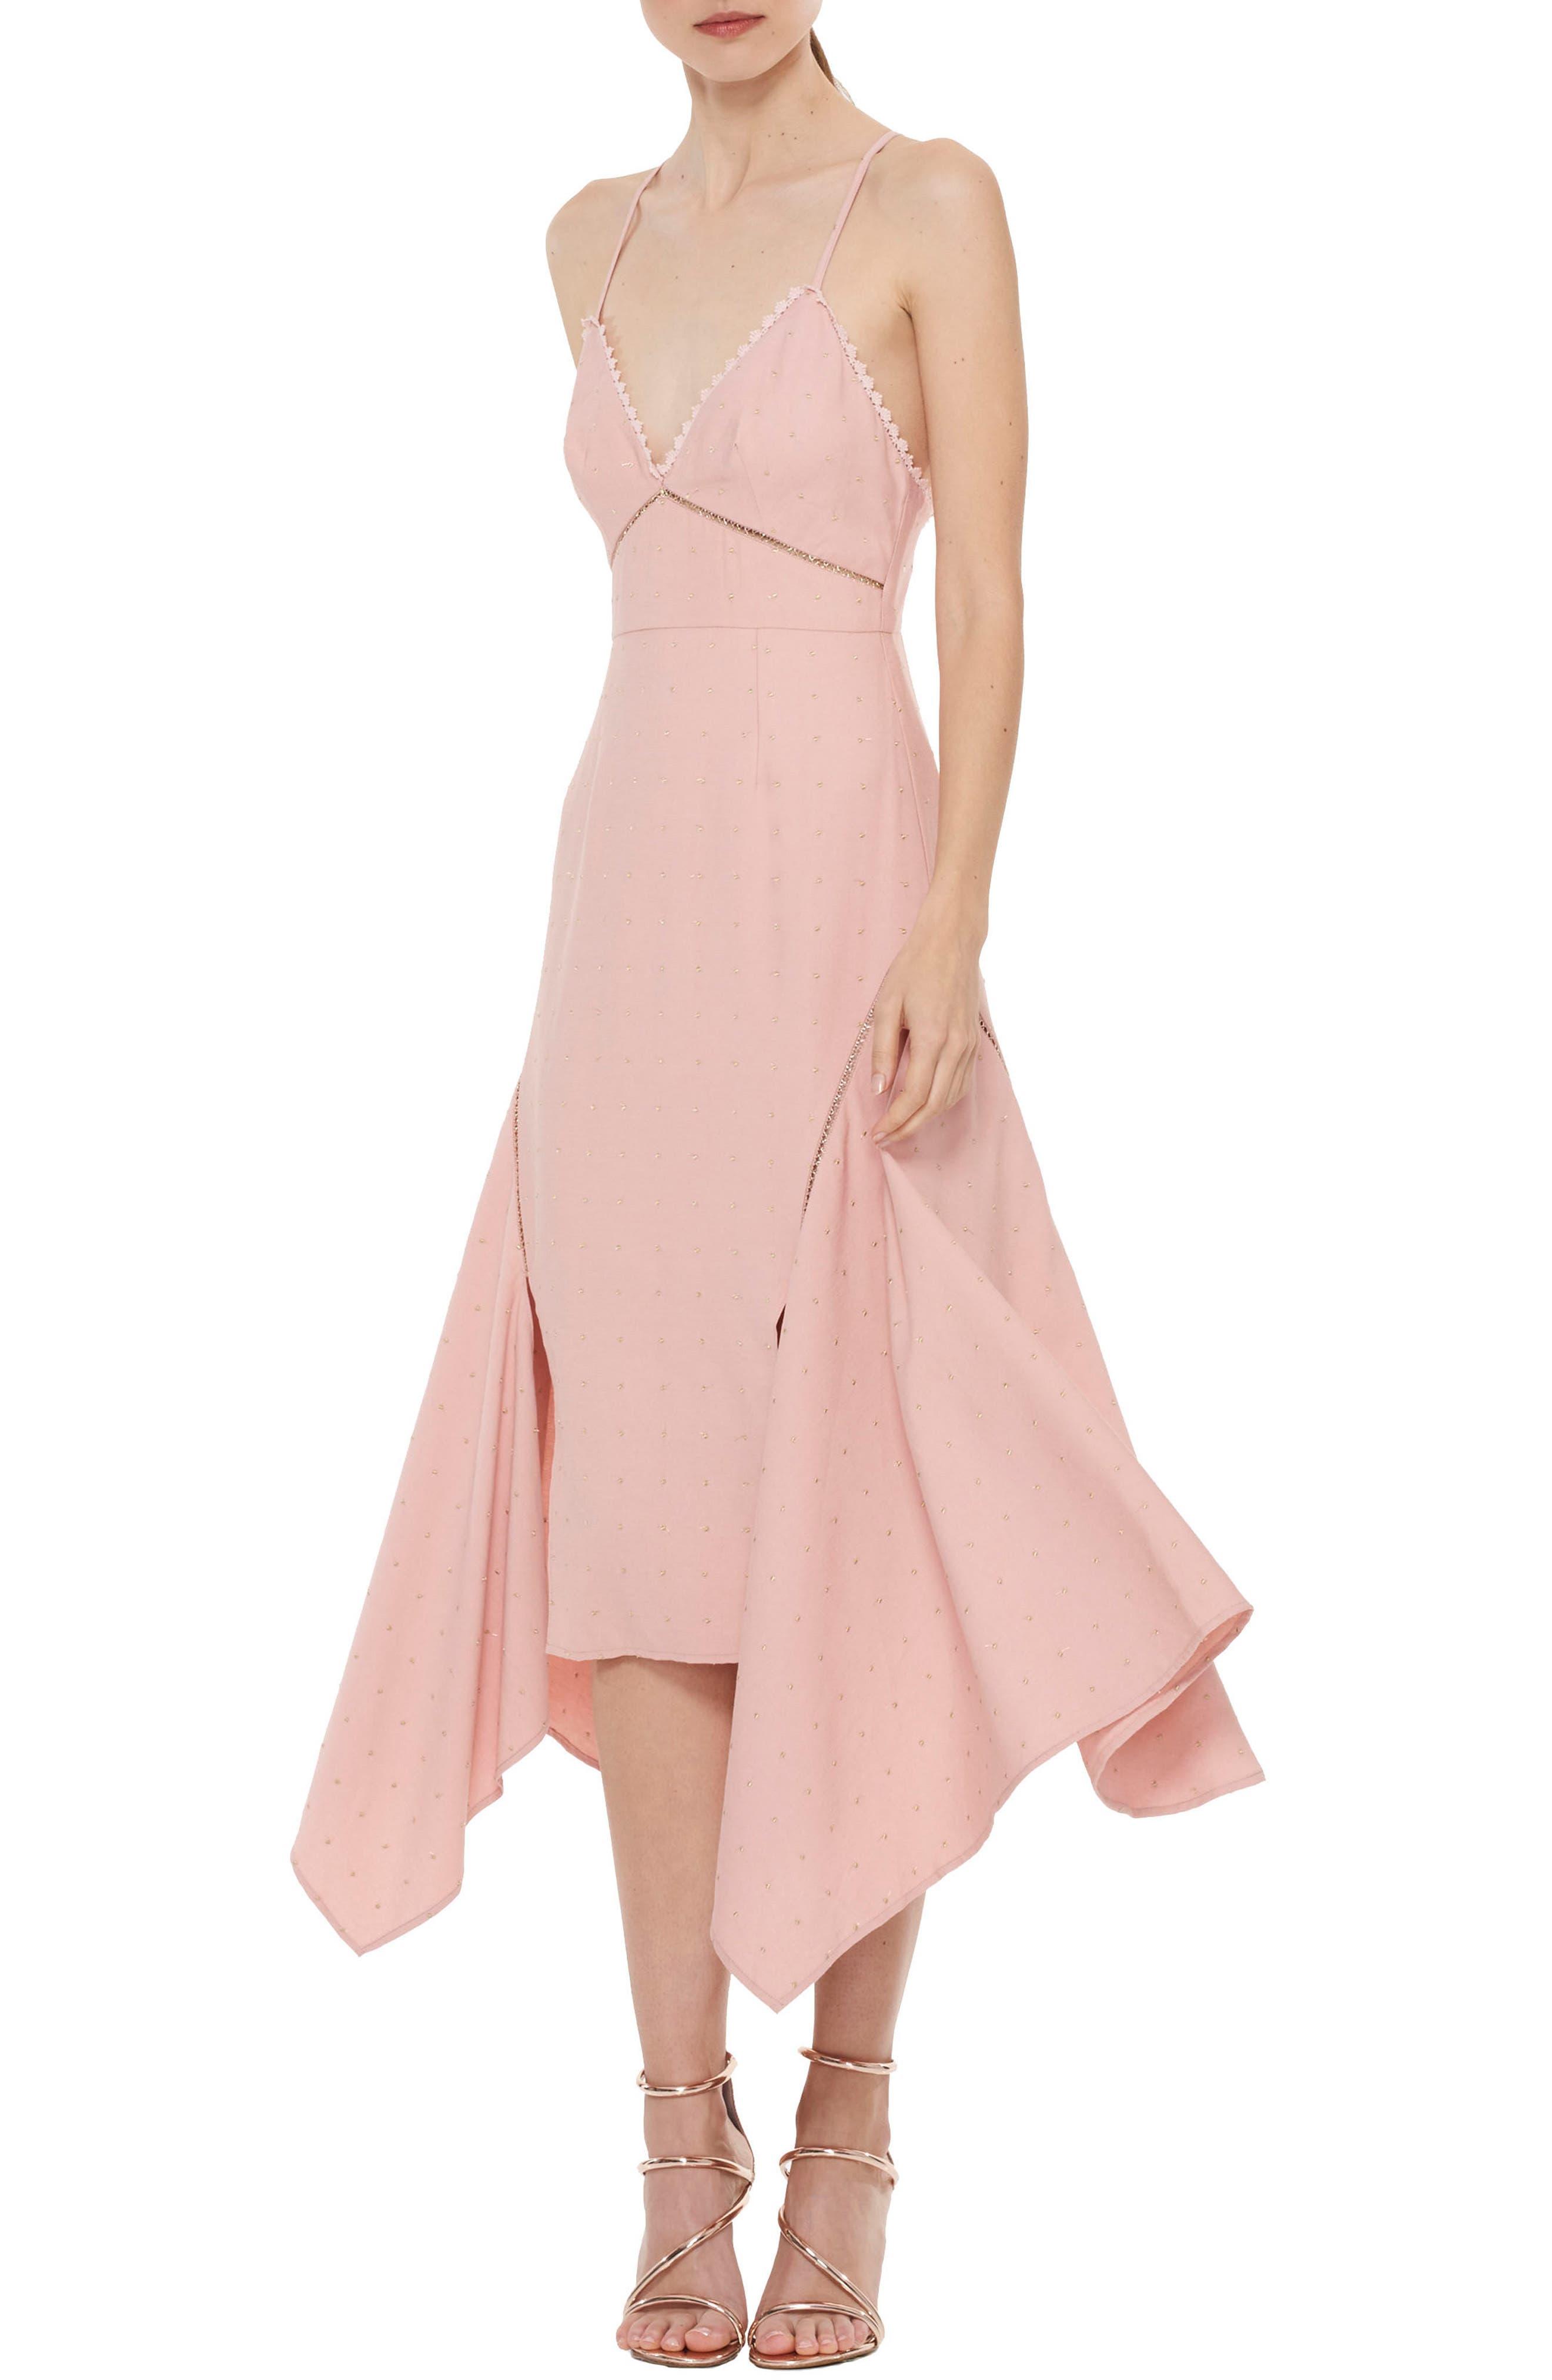 Penelope Embellished Godet Dress,                             Main thumbnail 1, color,